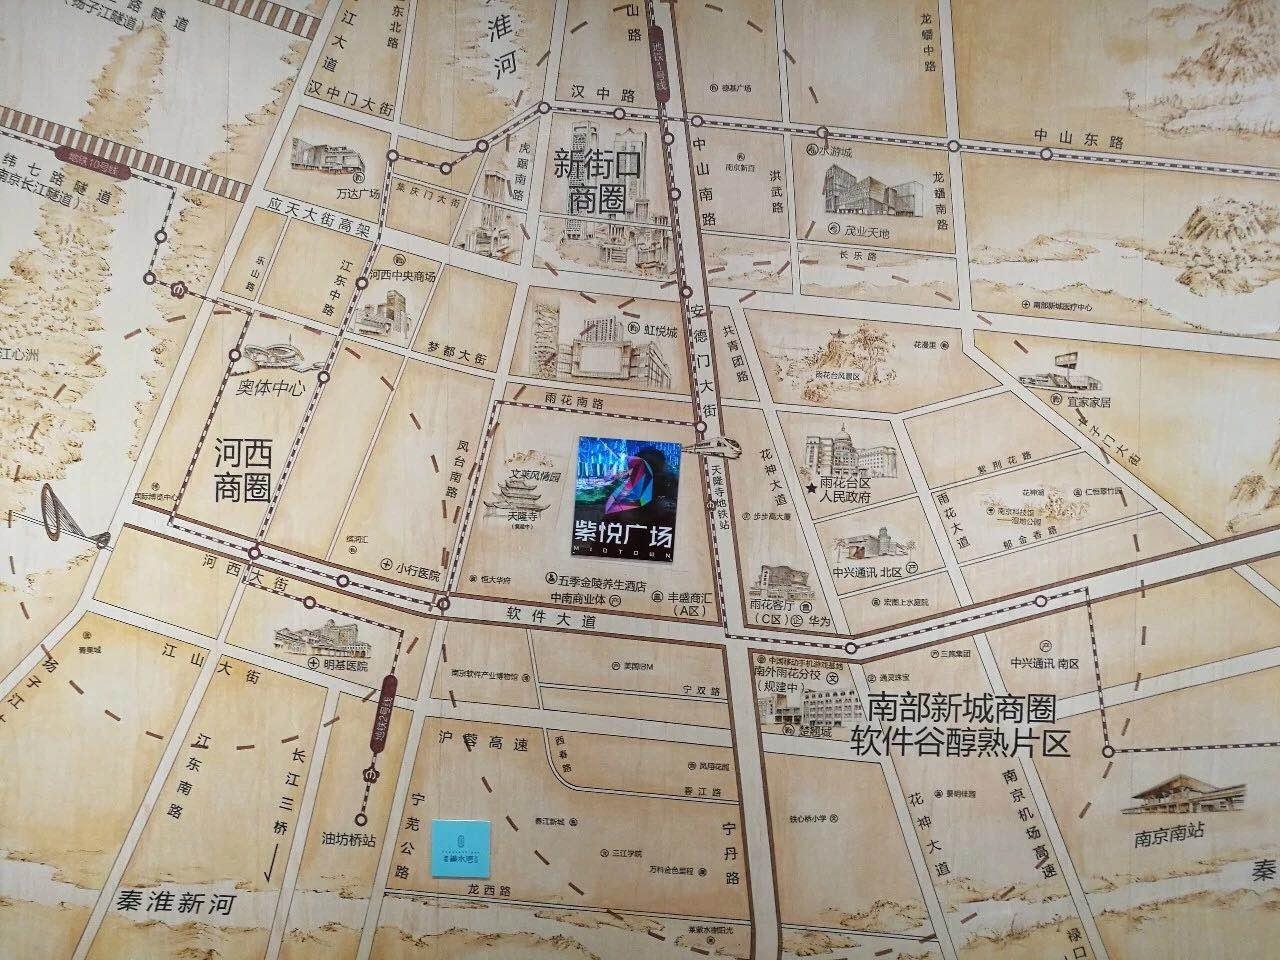 建发紫悦广场交通图